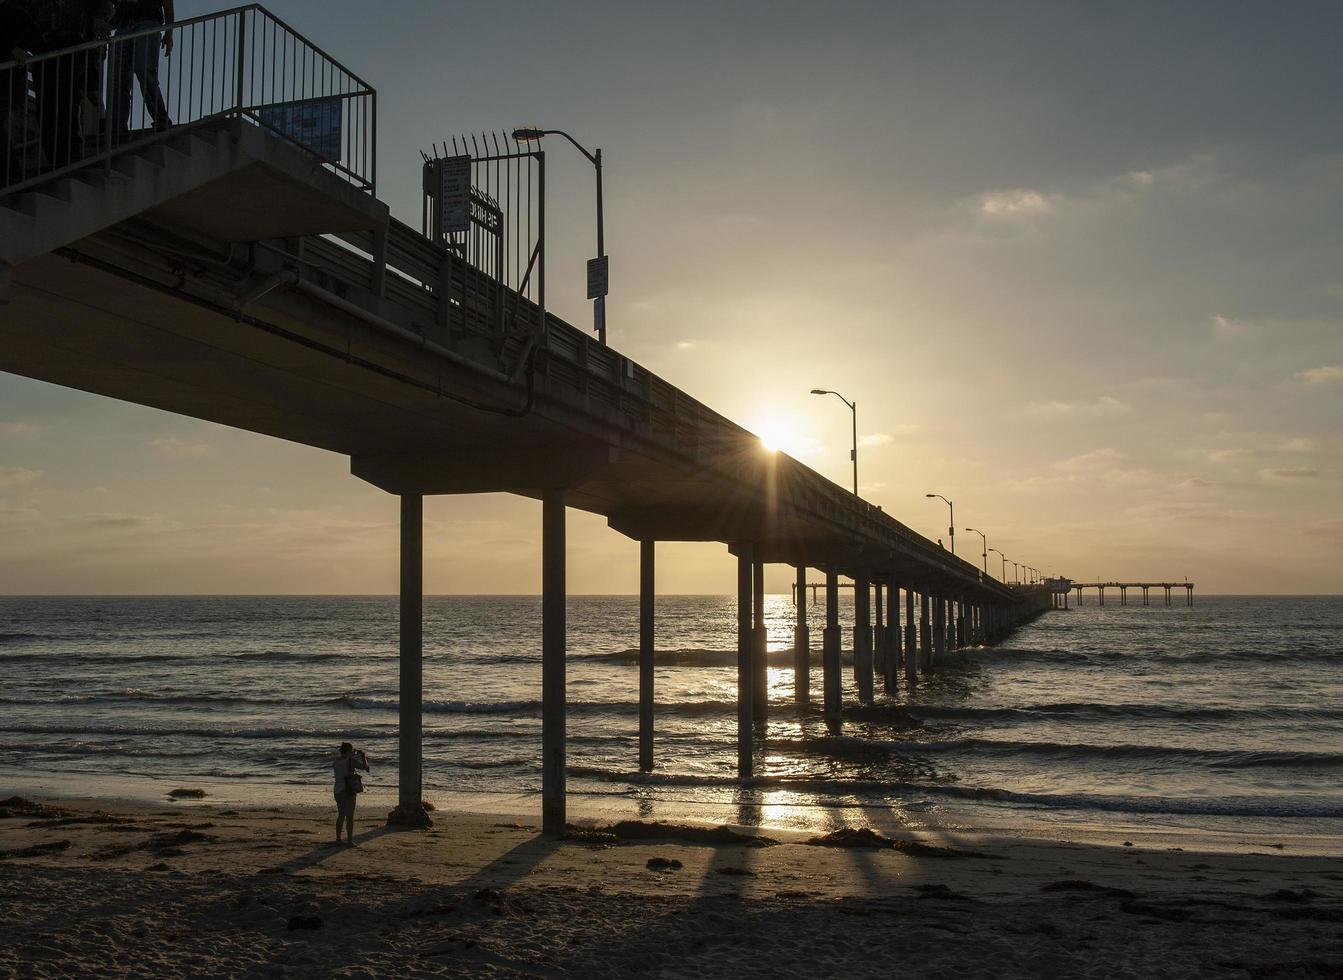 hölzerner Pier bei Sonnenuntergang foto